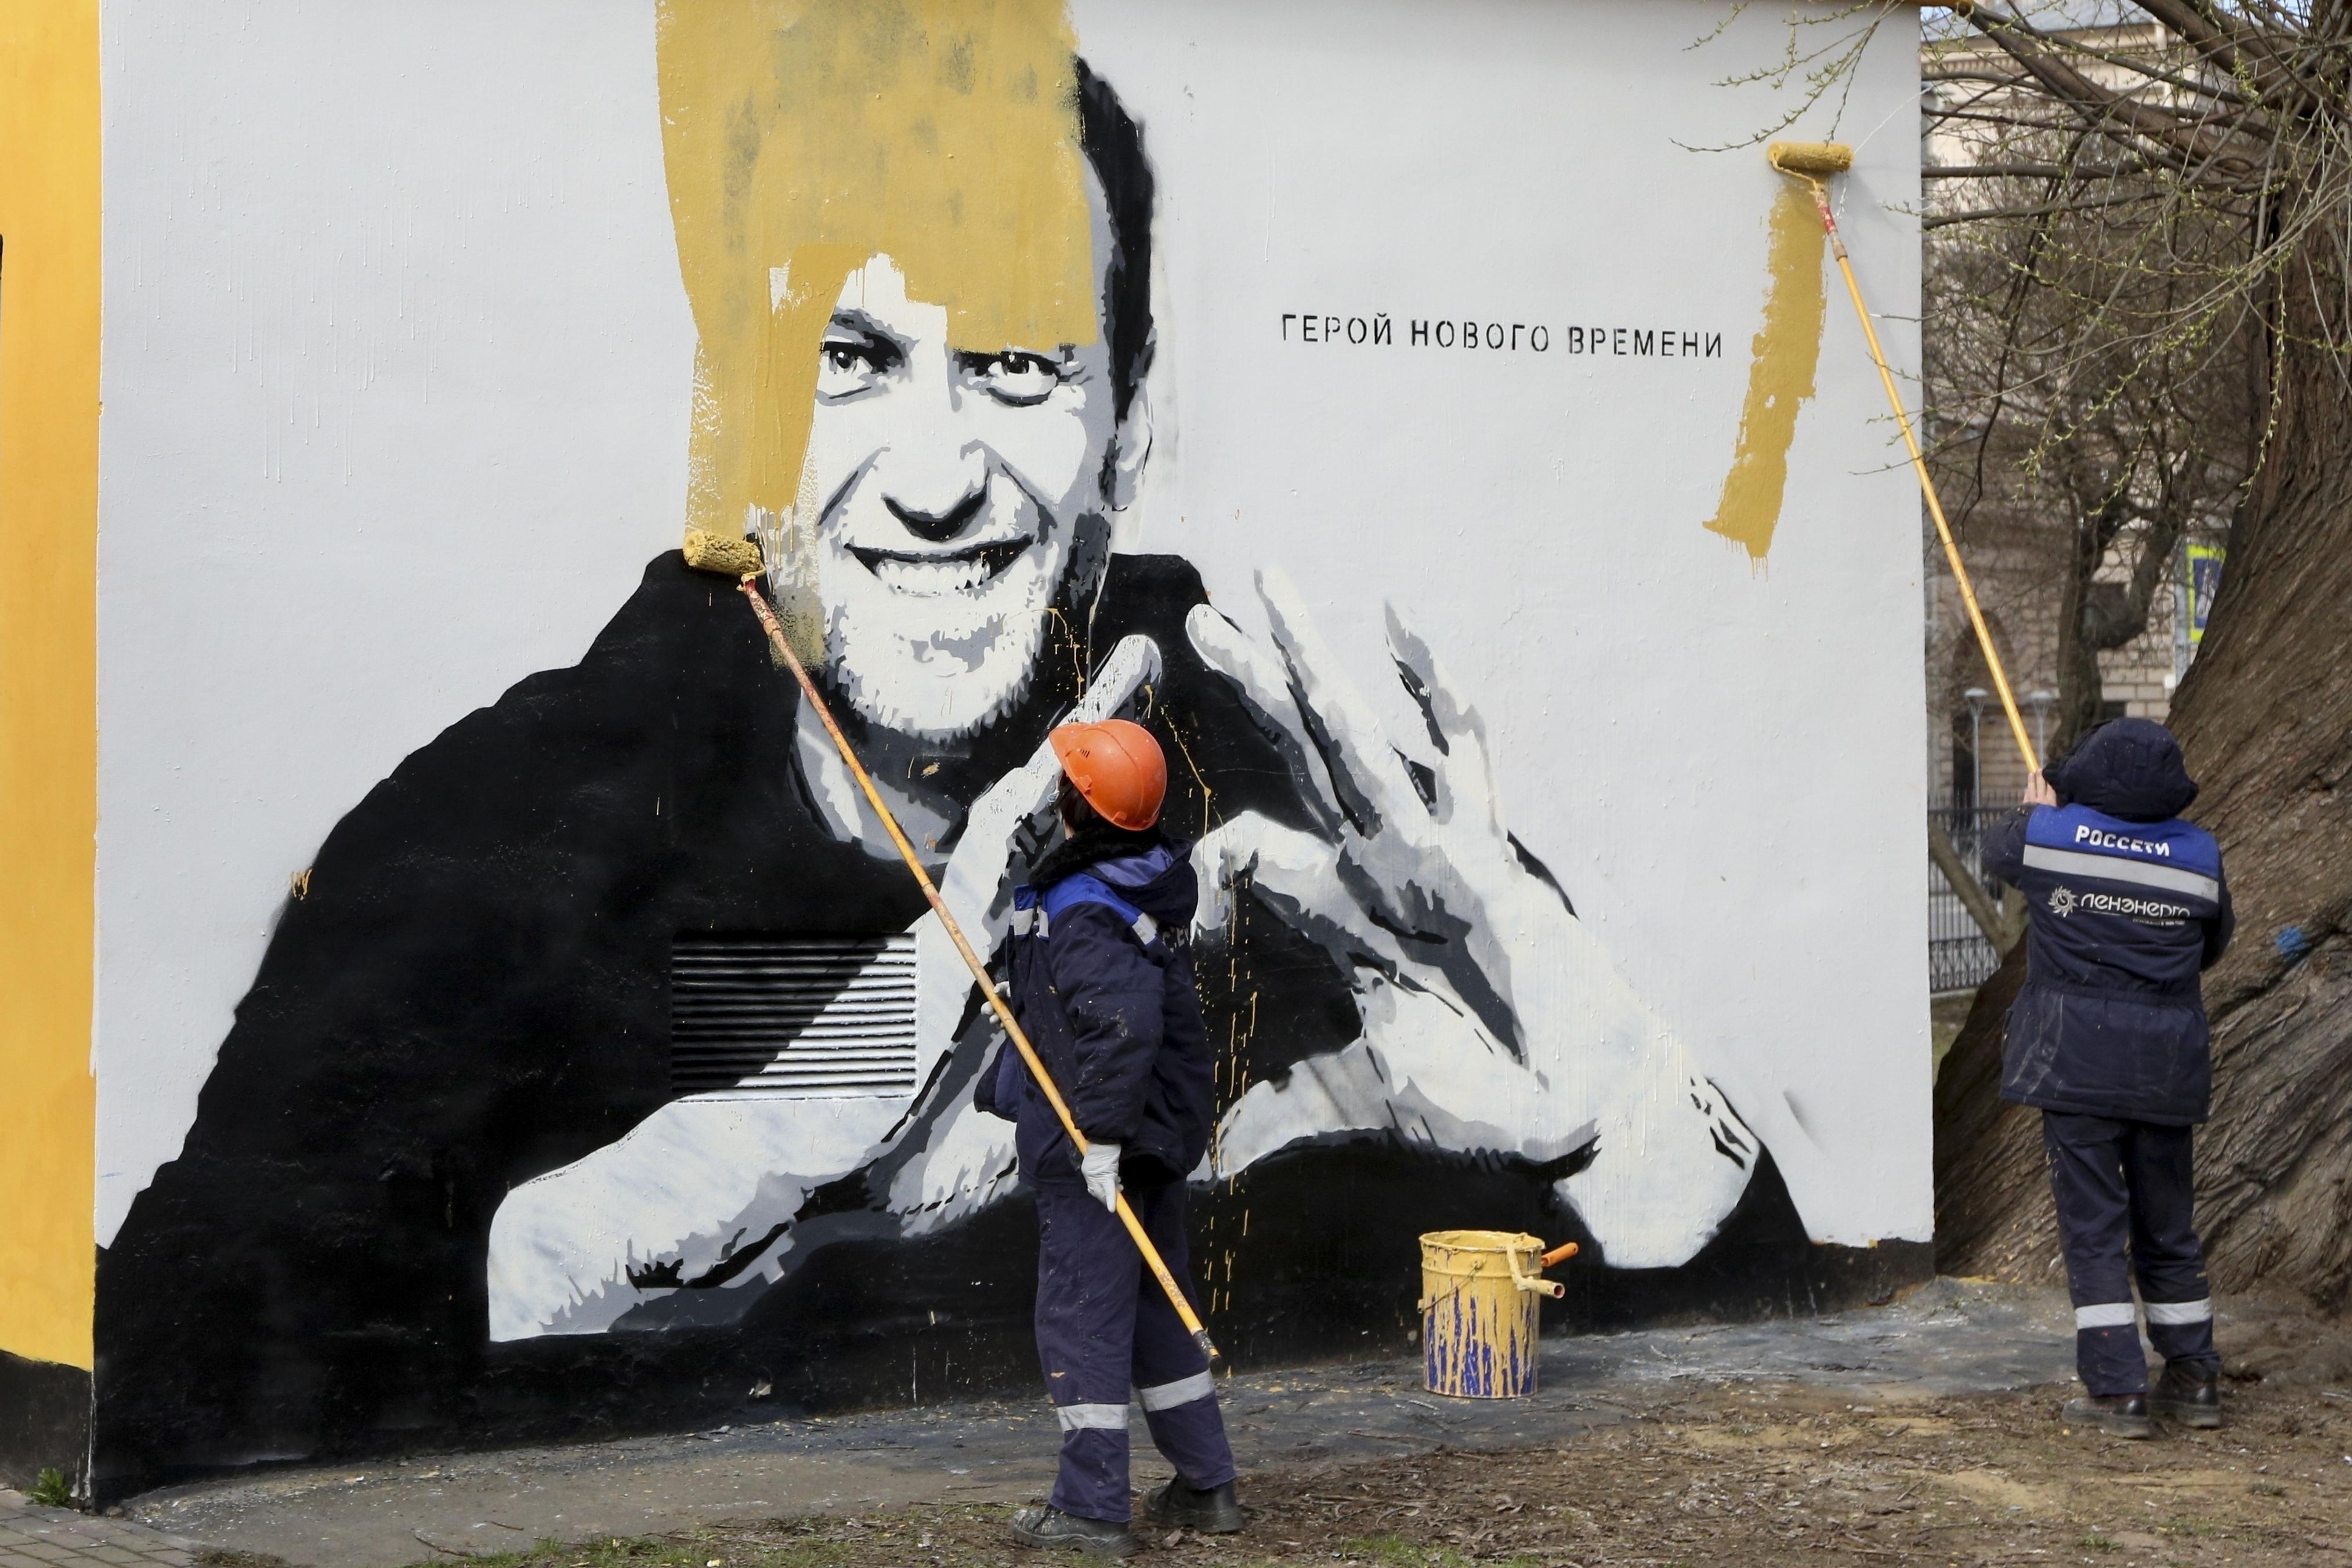 La idea de 'voto inteligente' de Navalni para debilitar al Kremlin